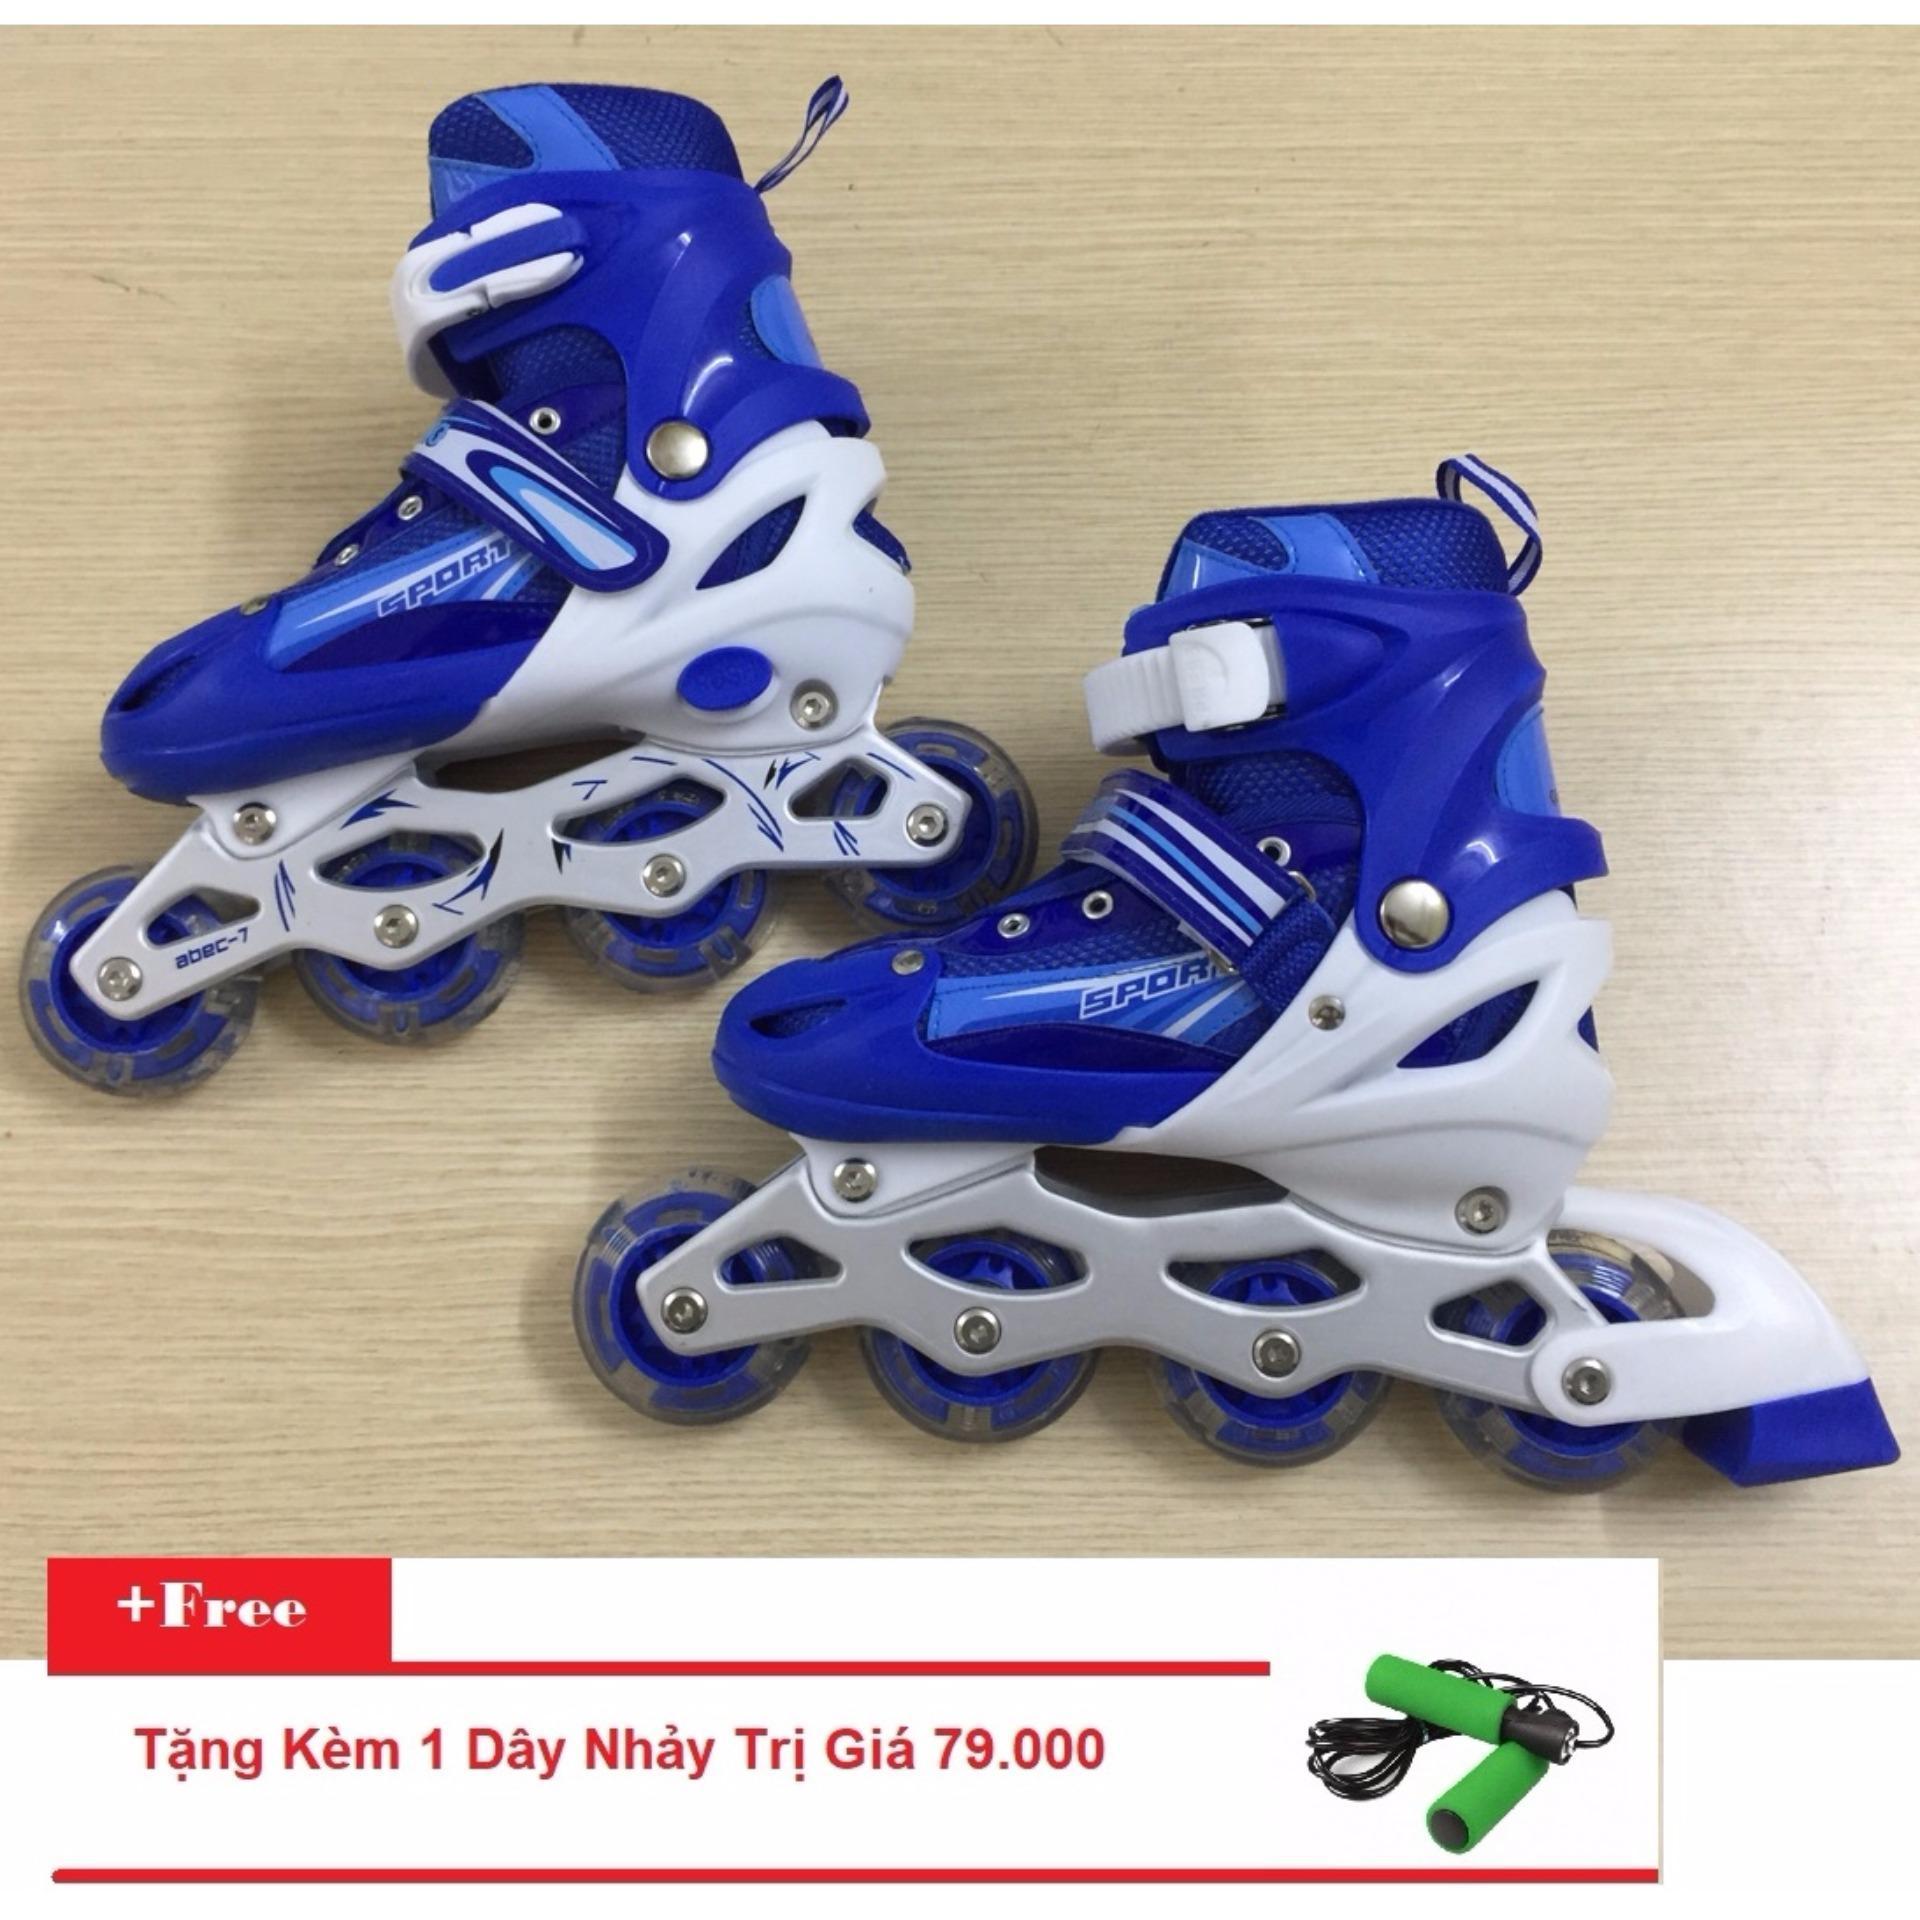 Giày Trượt Patin Gắn Đinh Phát Sáng (Size L - Xanh) + Tặng Kèm 1 Dây Nhảy